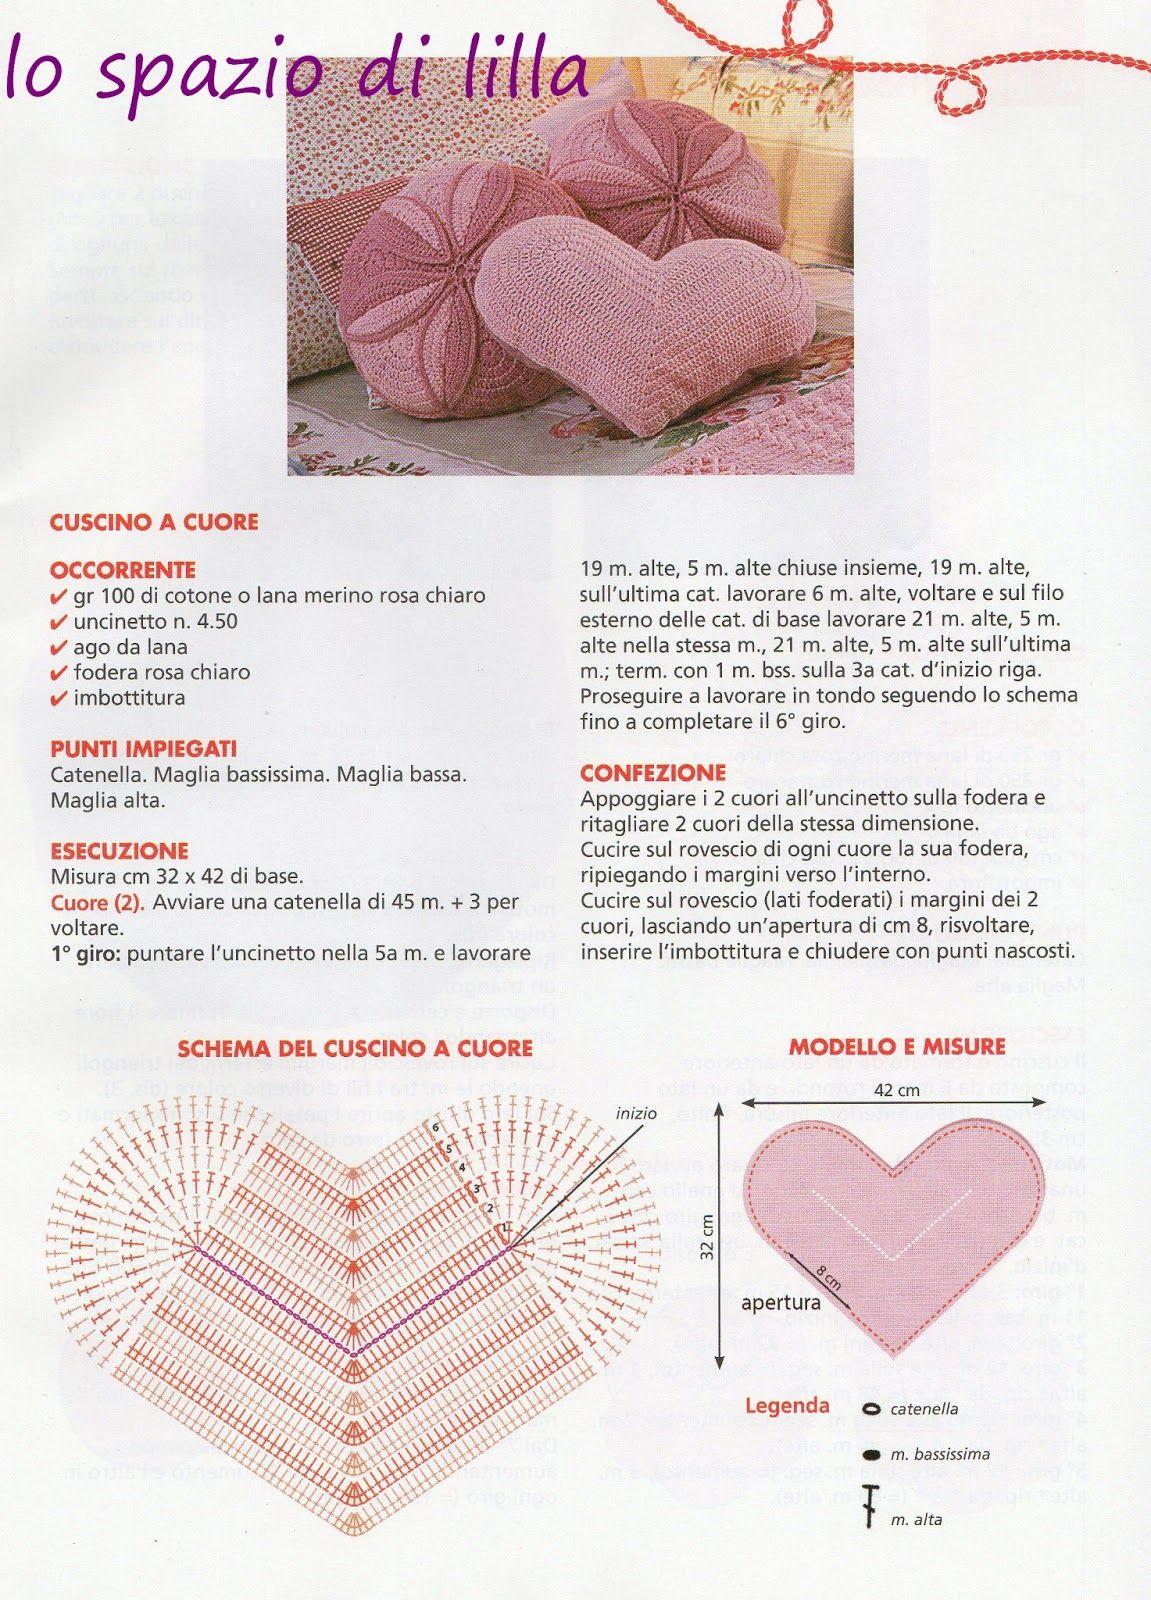 Cuore amigurumi piccolo | Uncinetto amigurumi, Applicazioni per ... | 1600x1151